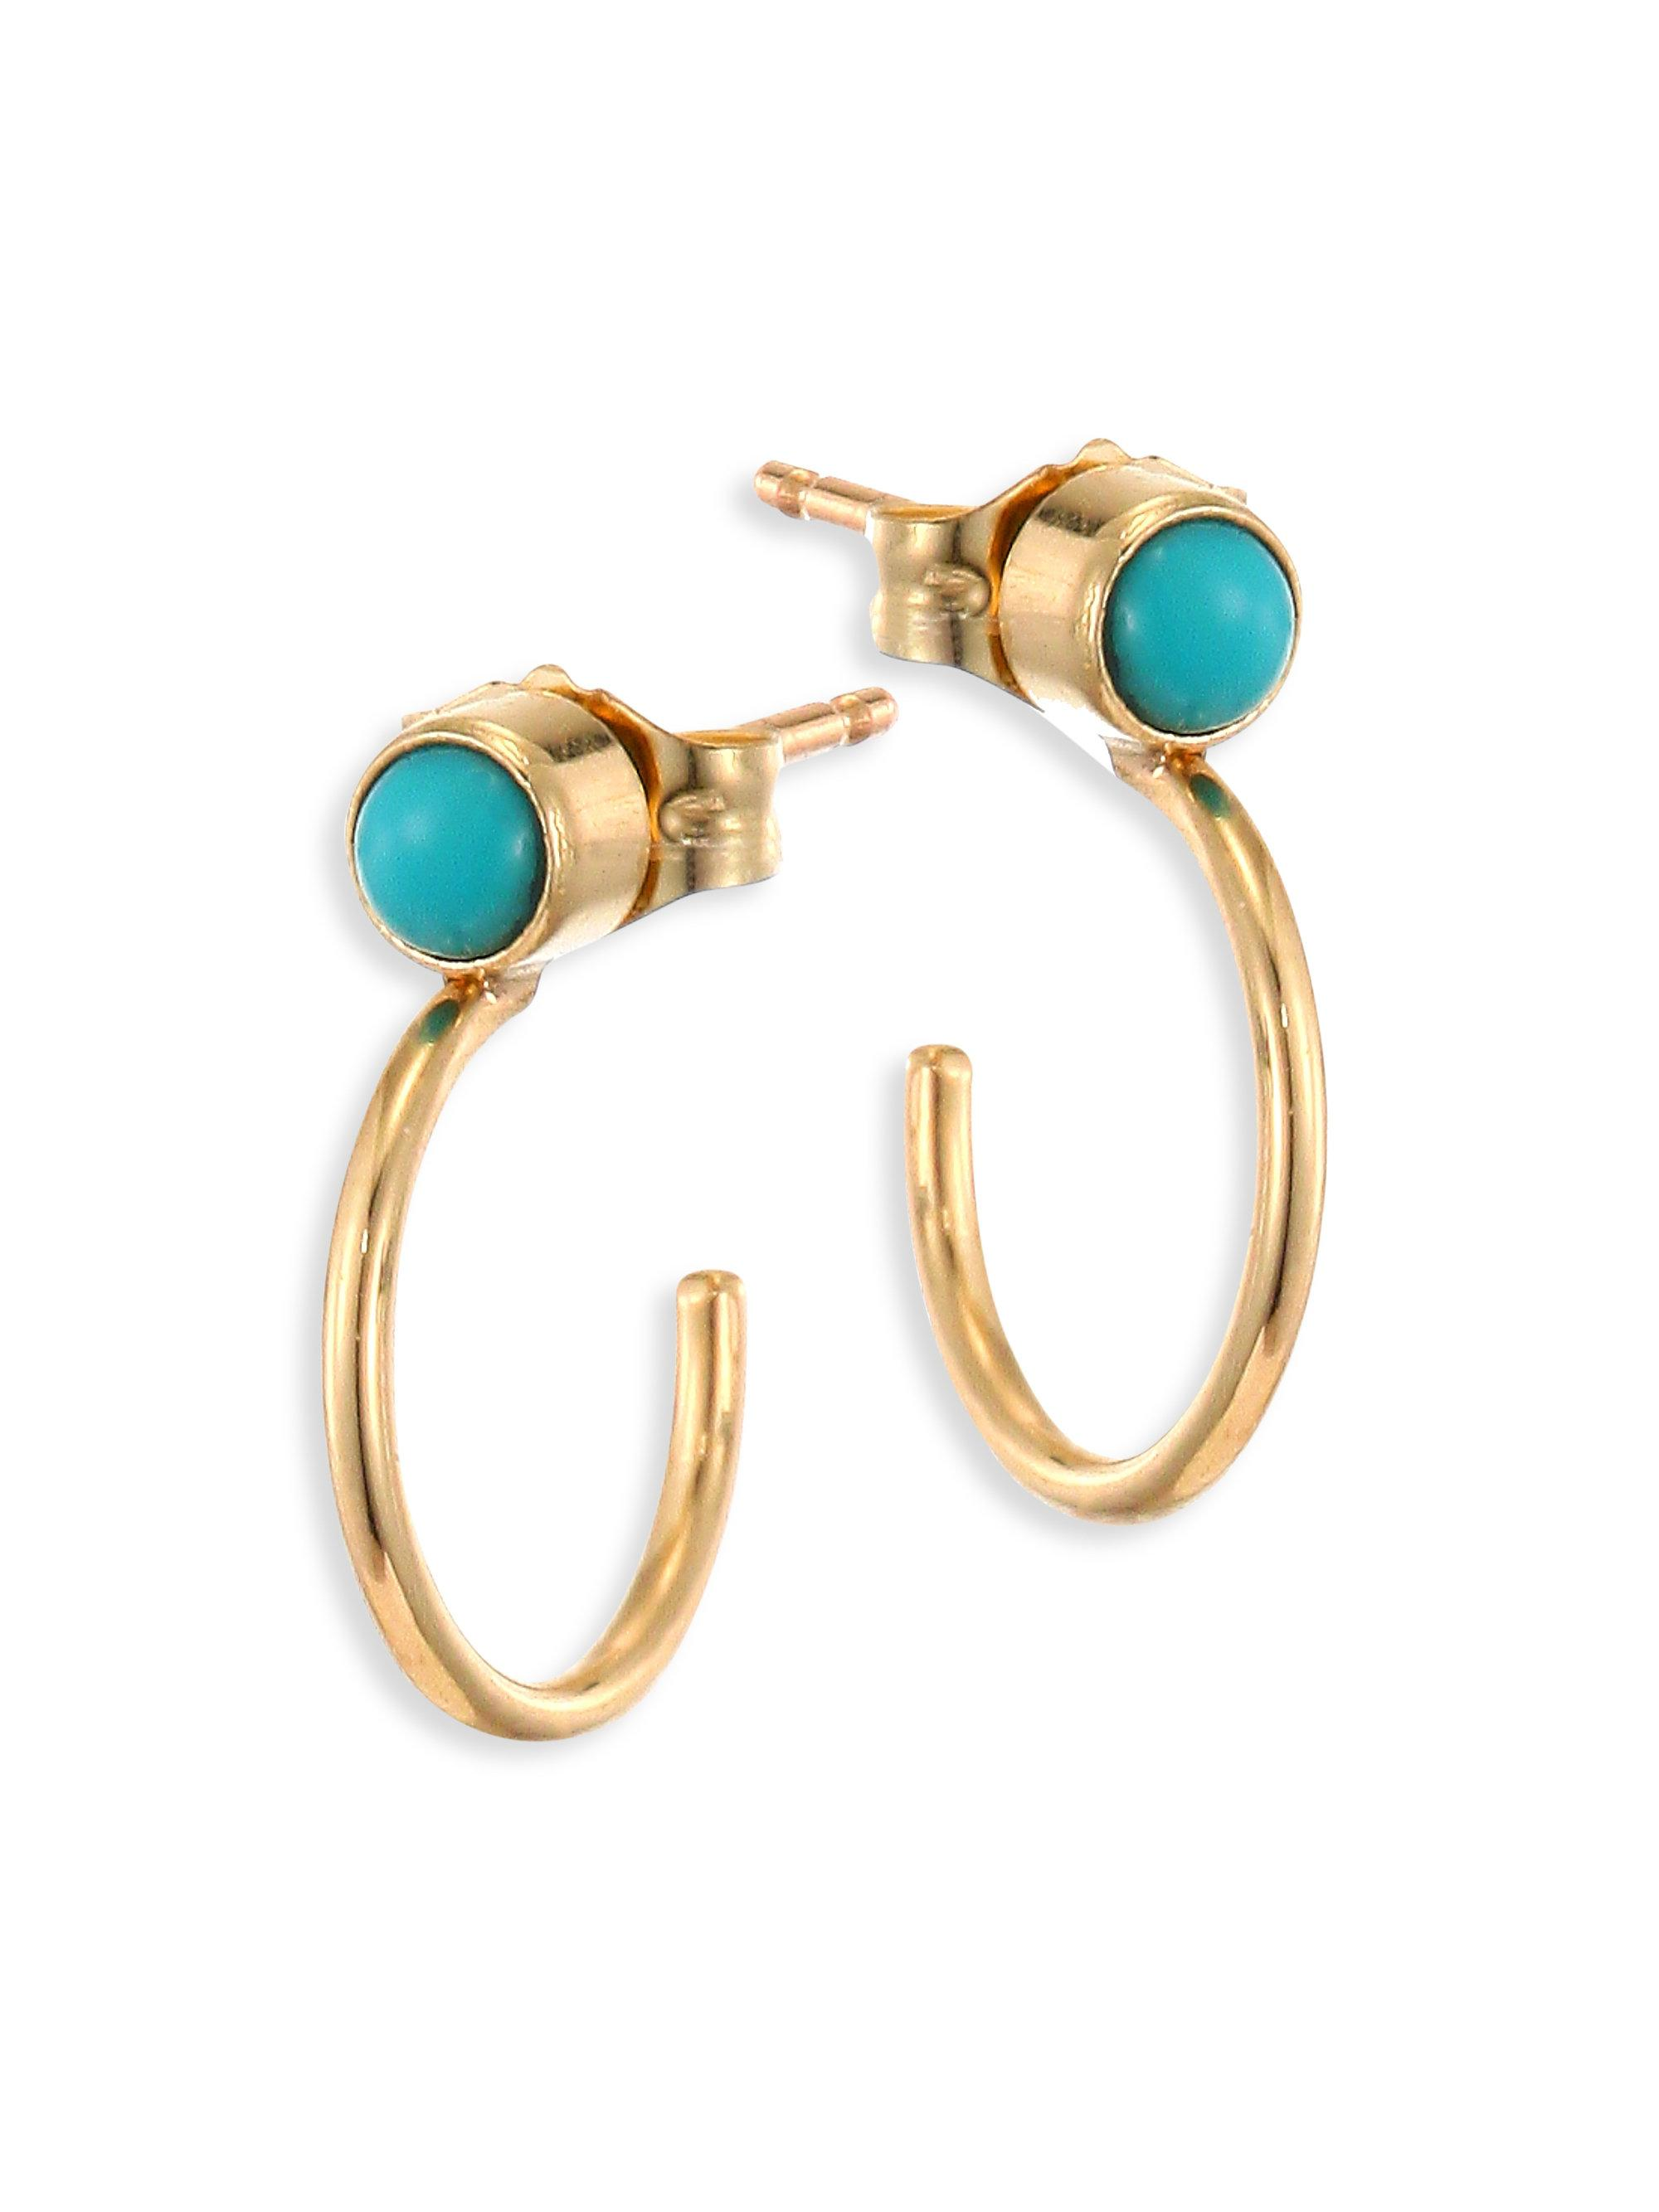 Zoë Chicco 14K Turquoise Bezel Huggie Hoop Earrings kw2sS2XL9k